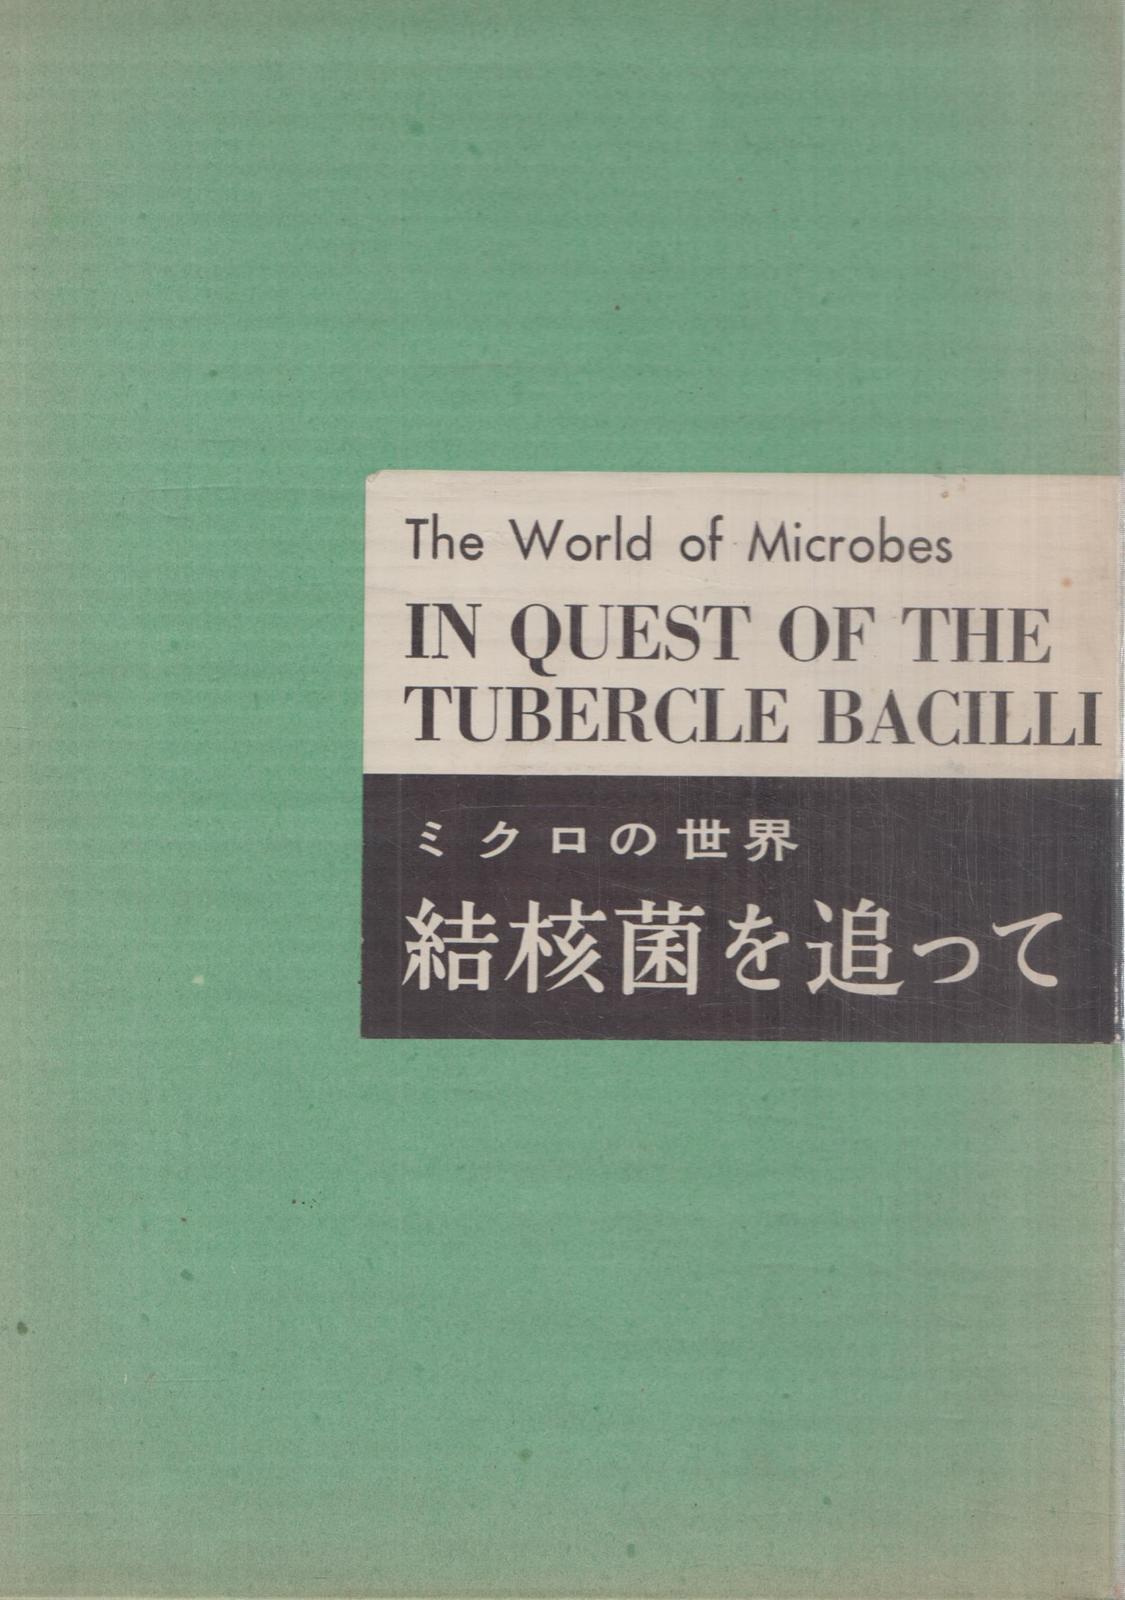 все цены на The world of microbes. In quest of the tubercle bacilli / Мир микробов. В поисках туберкулезной палочки онлайн